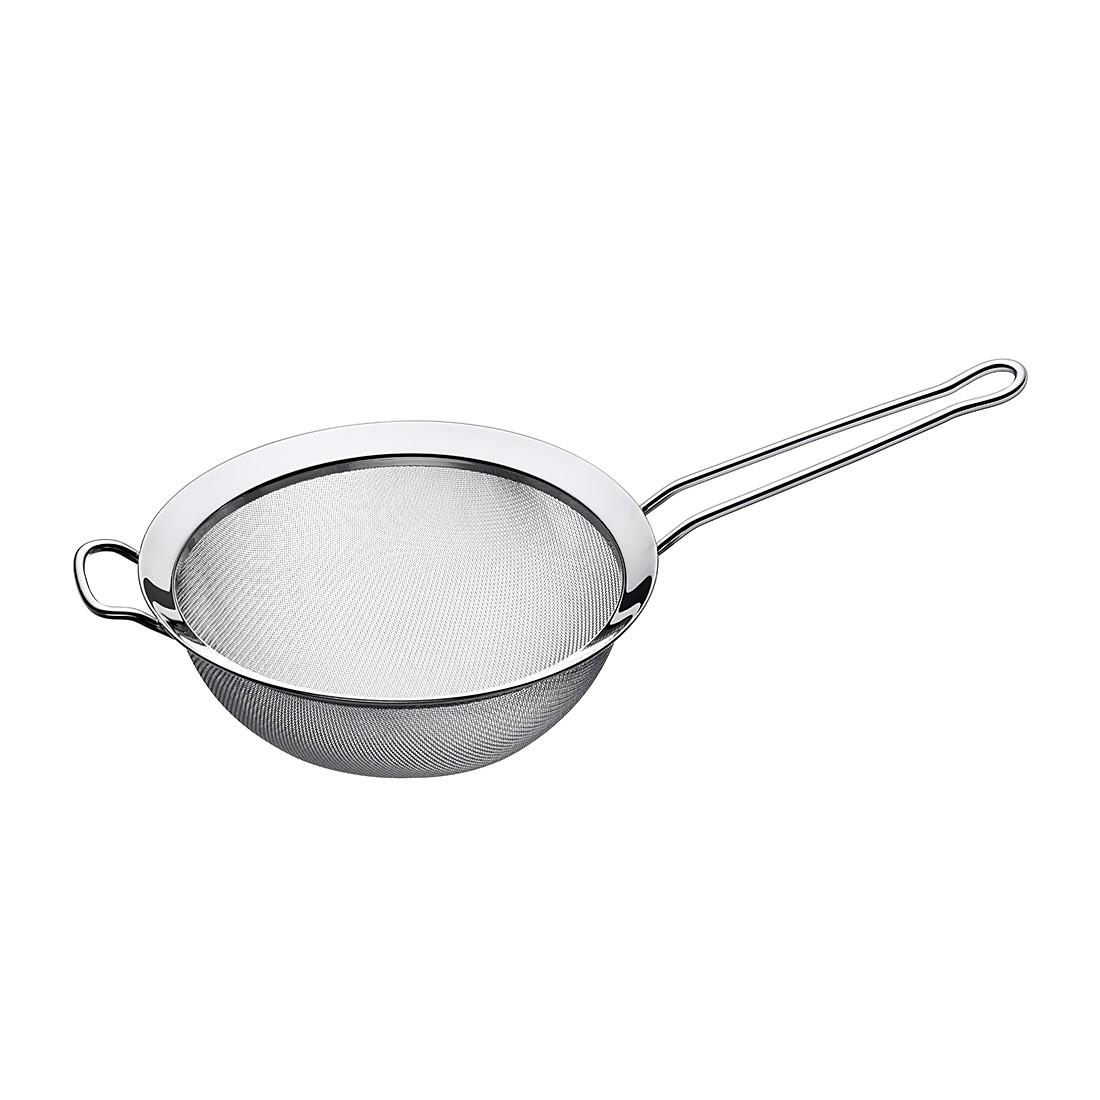 Küchensieb – 20 cm, Silit günstig